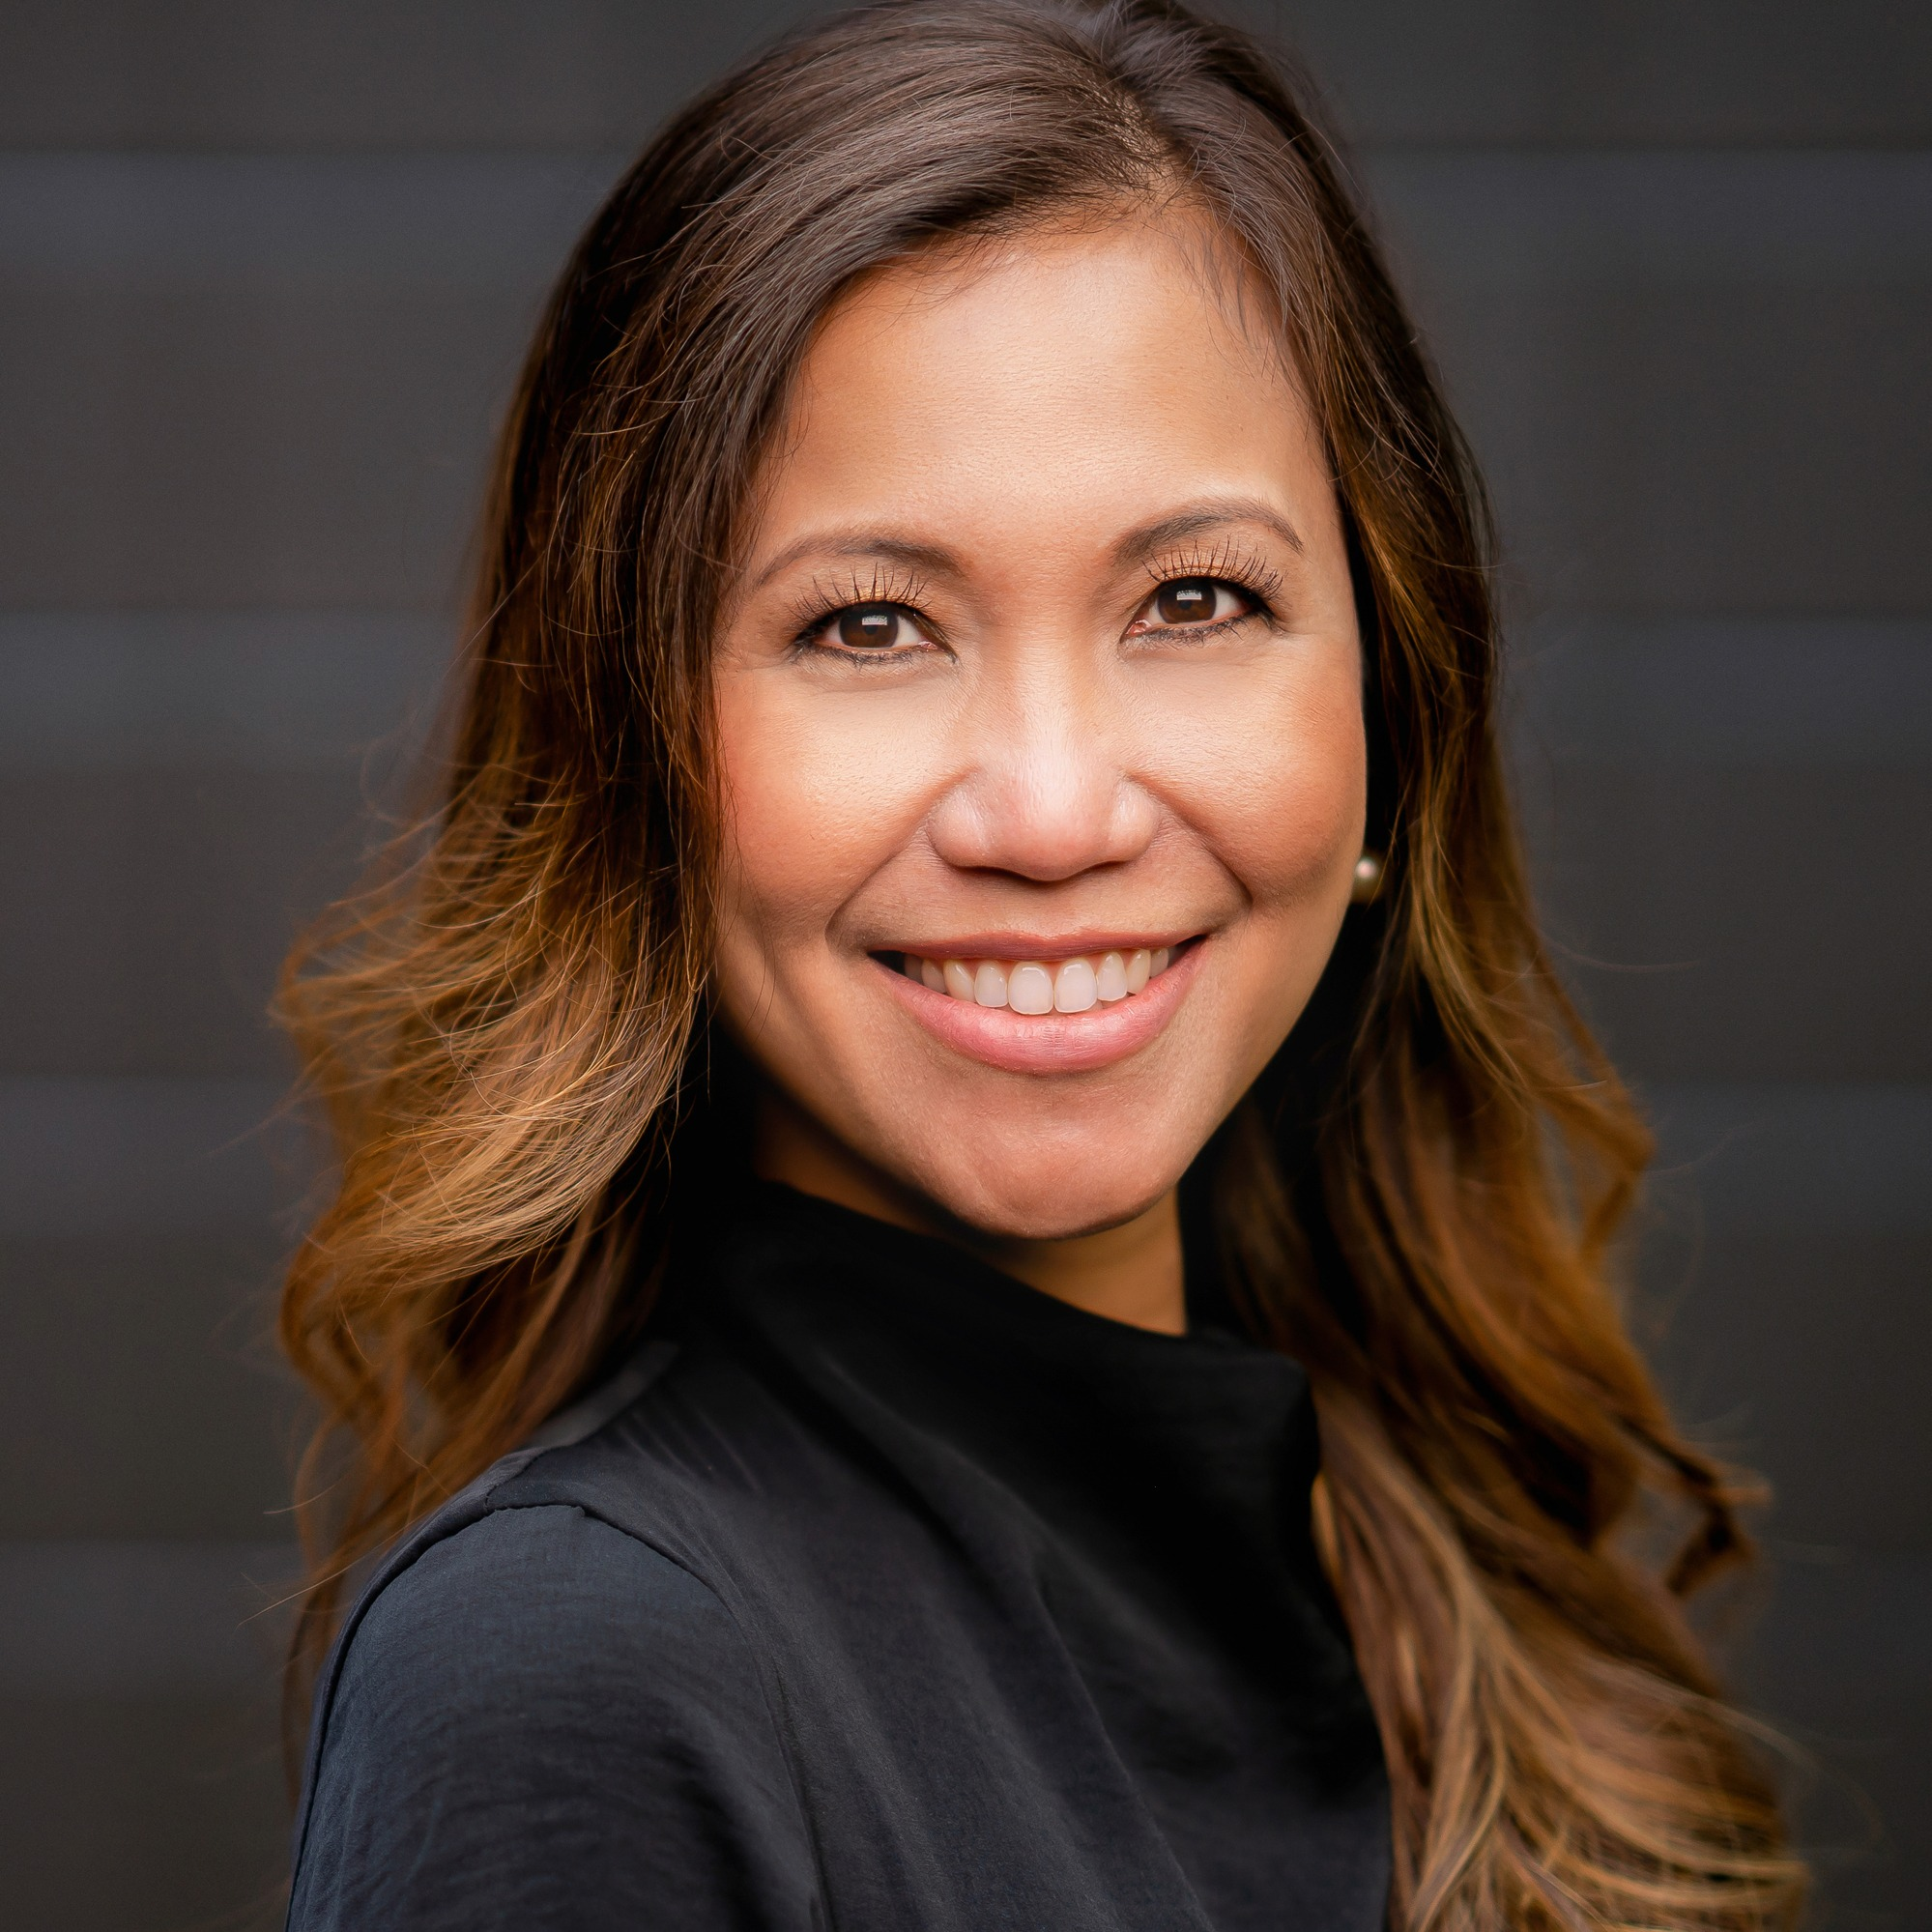 Dr. Claire Enriquez Escario